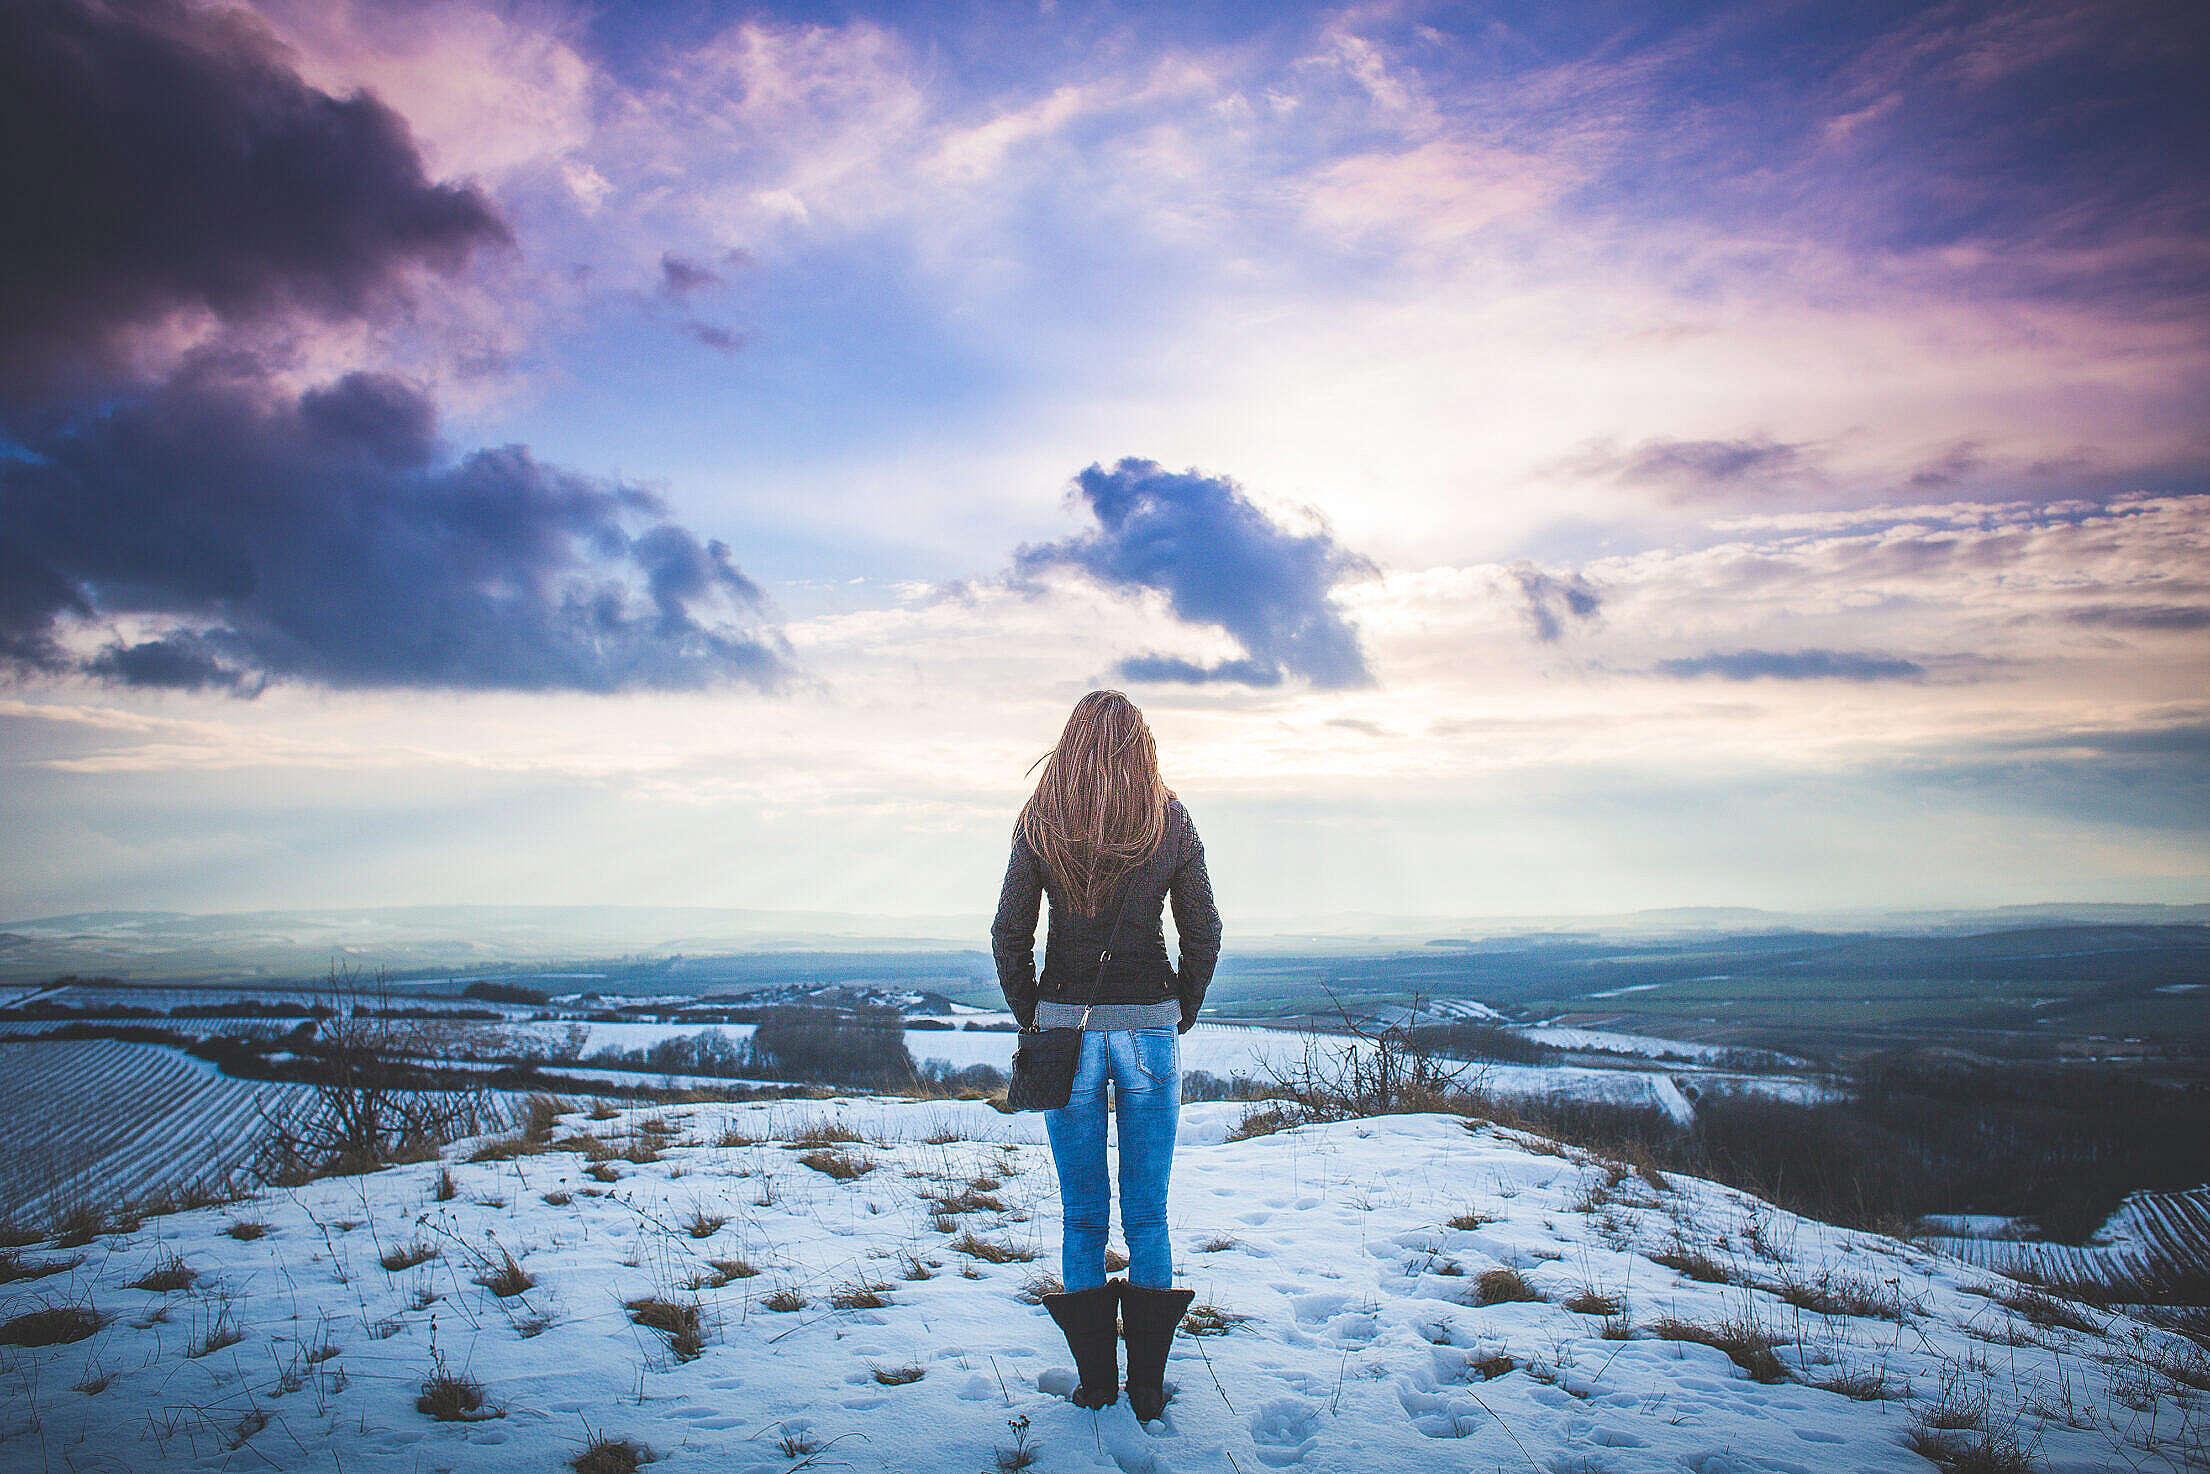 Girl and Fantasy Sky Scenery #2 Free Stock Photo